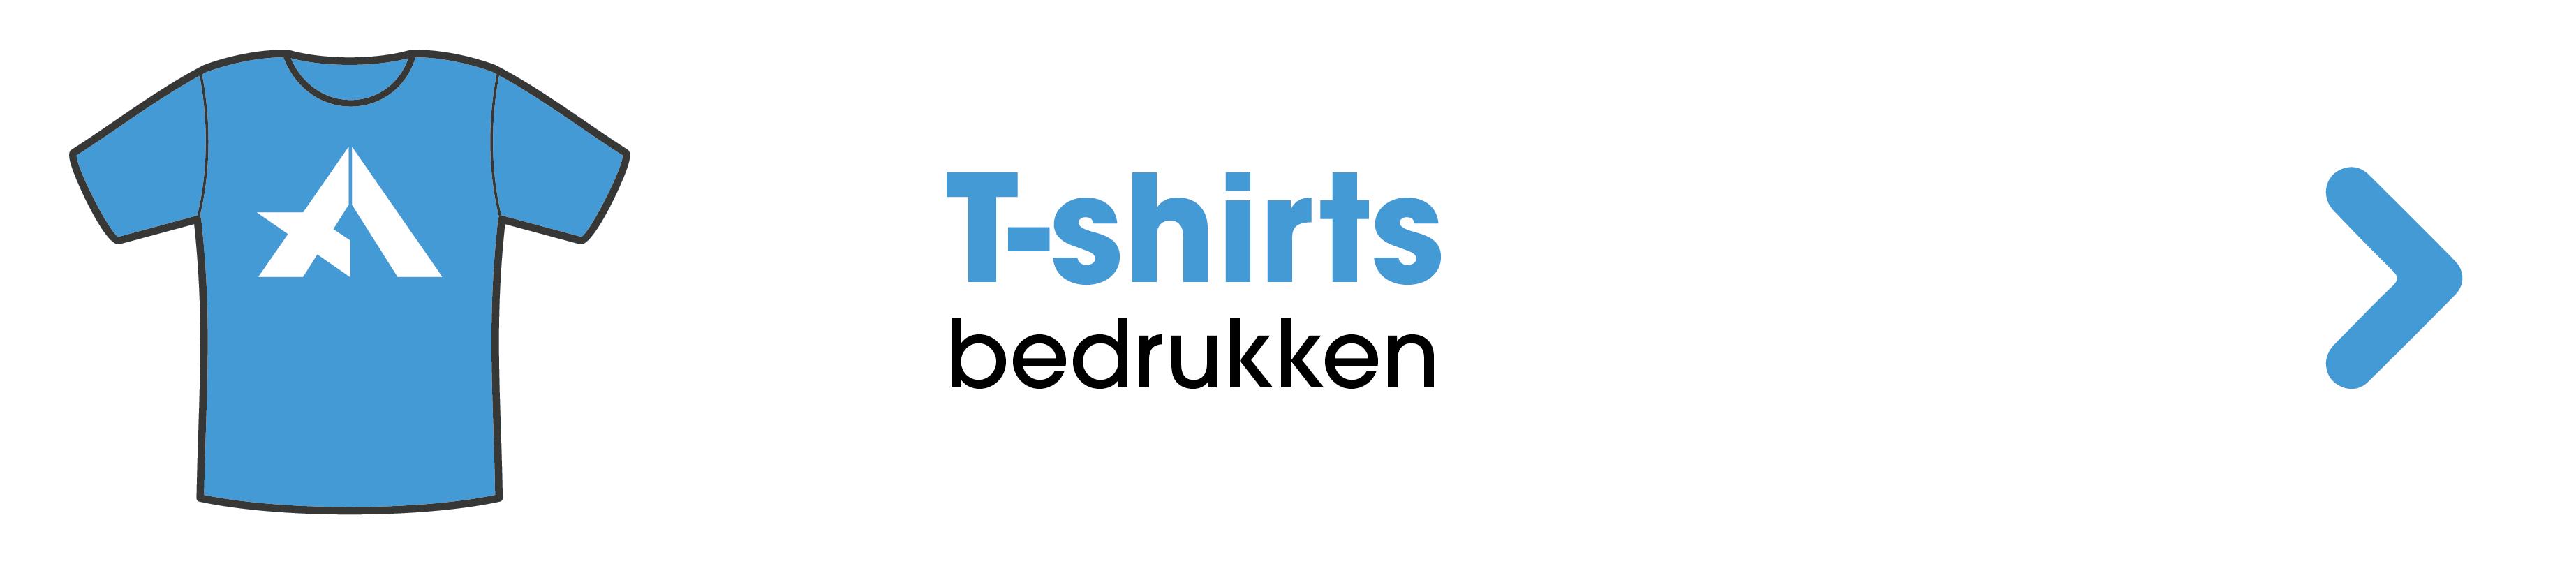 T-shirts bedrukken